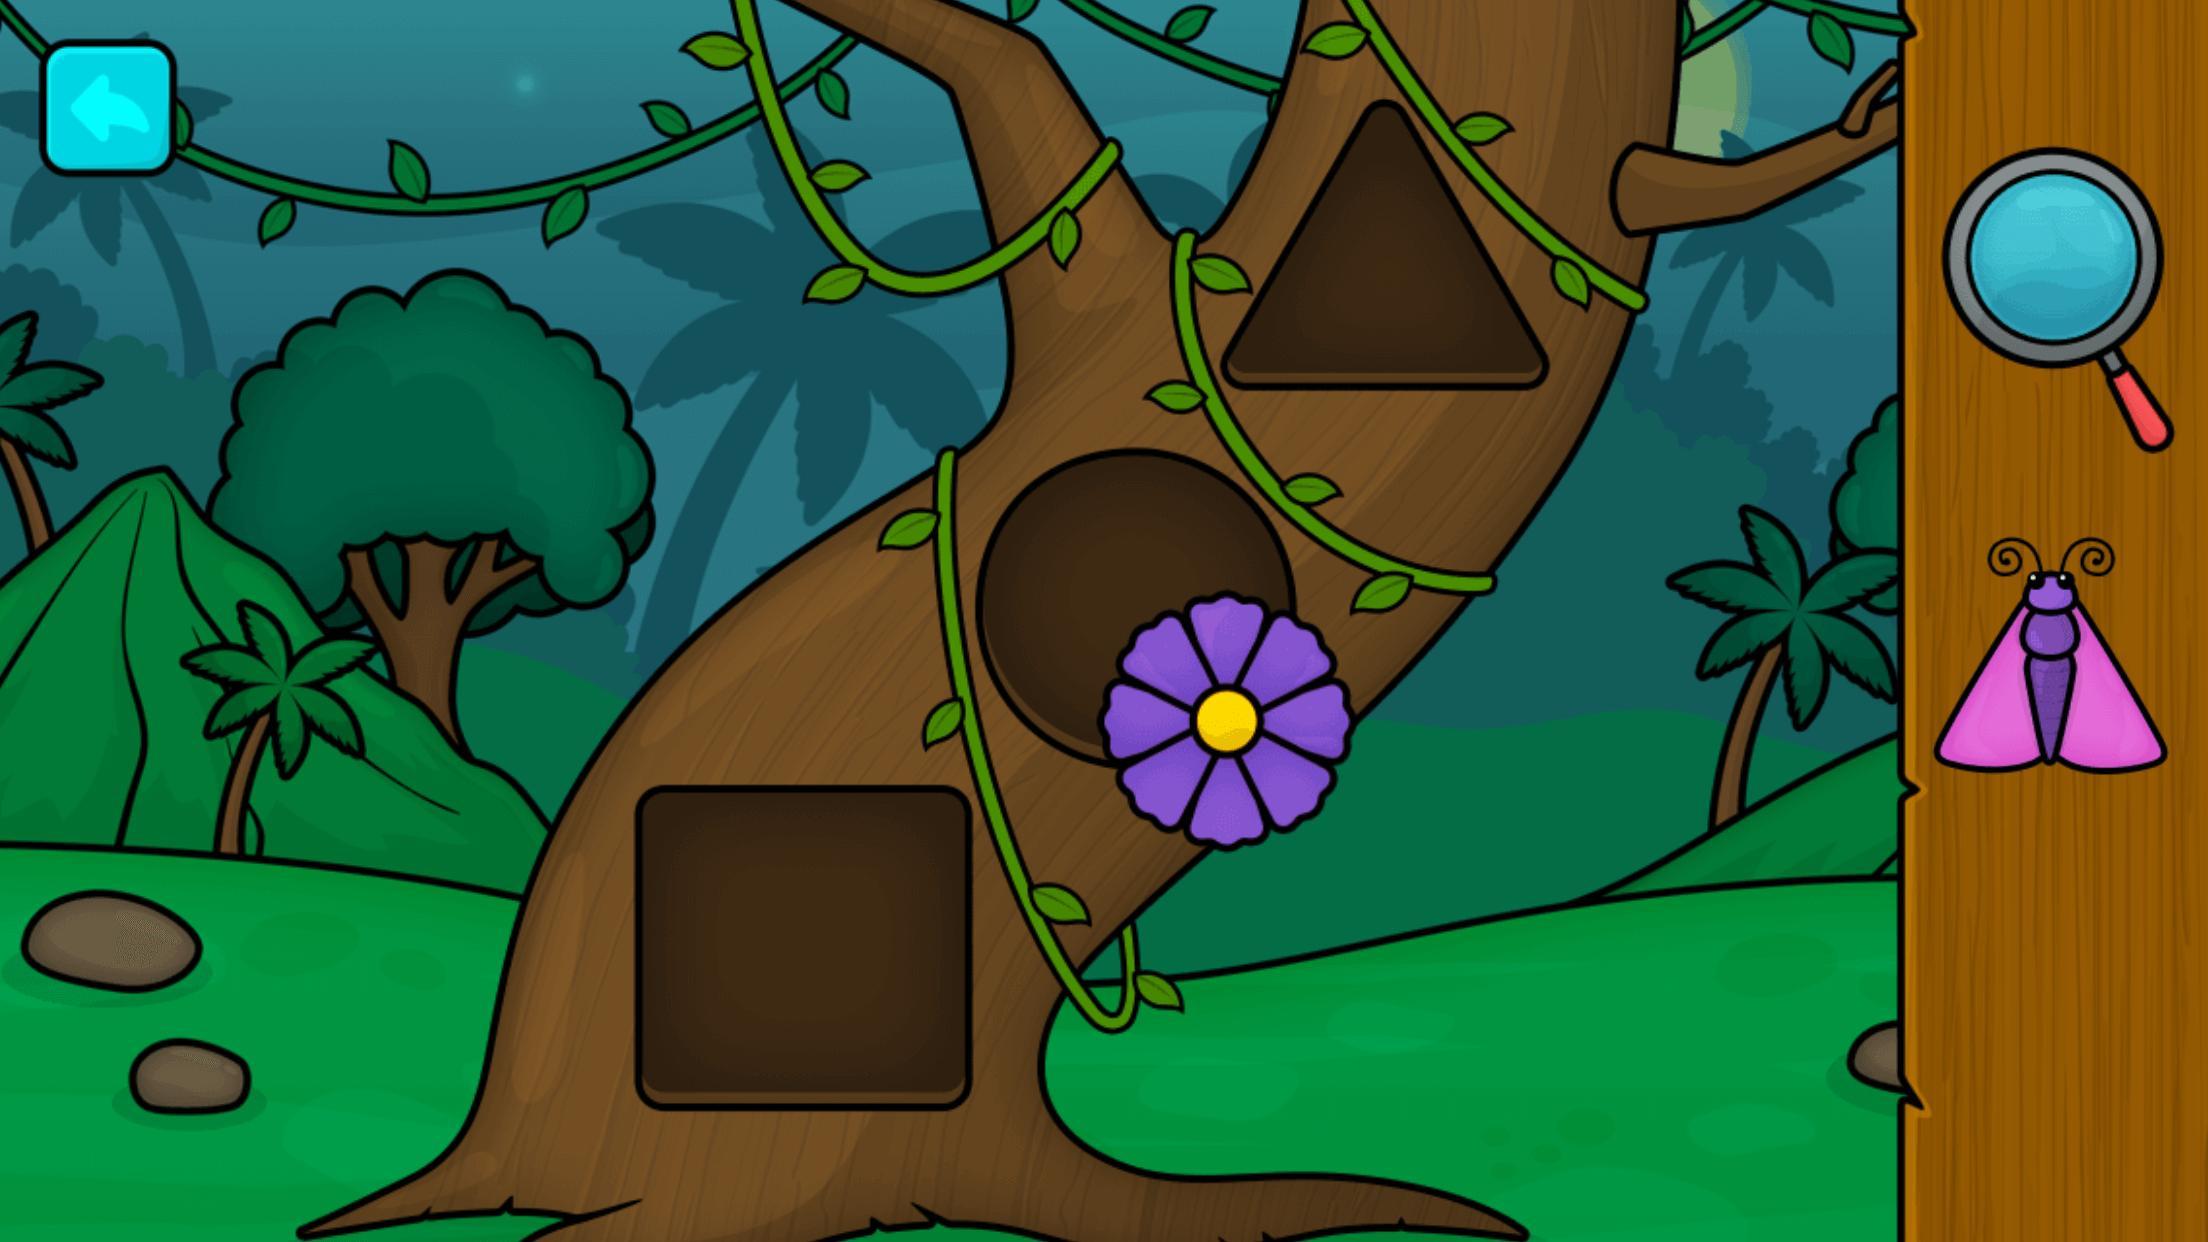 Jeux Pour Enfants 2 - 5 Ans Pour Android - Téléchargez L'apk intérieur Jeux De Fille 4 Ans Gratuit